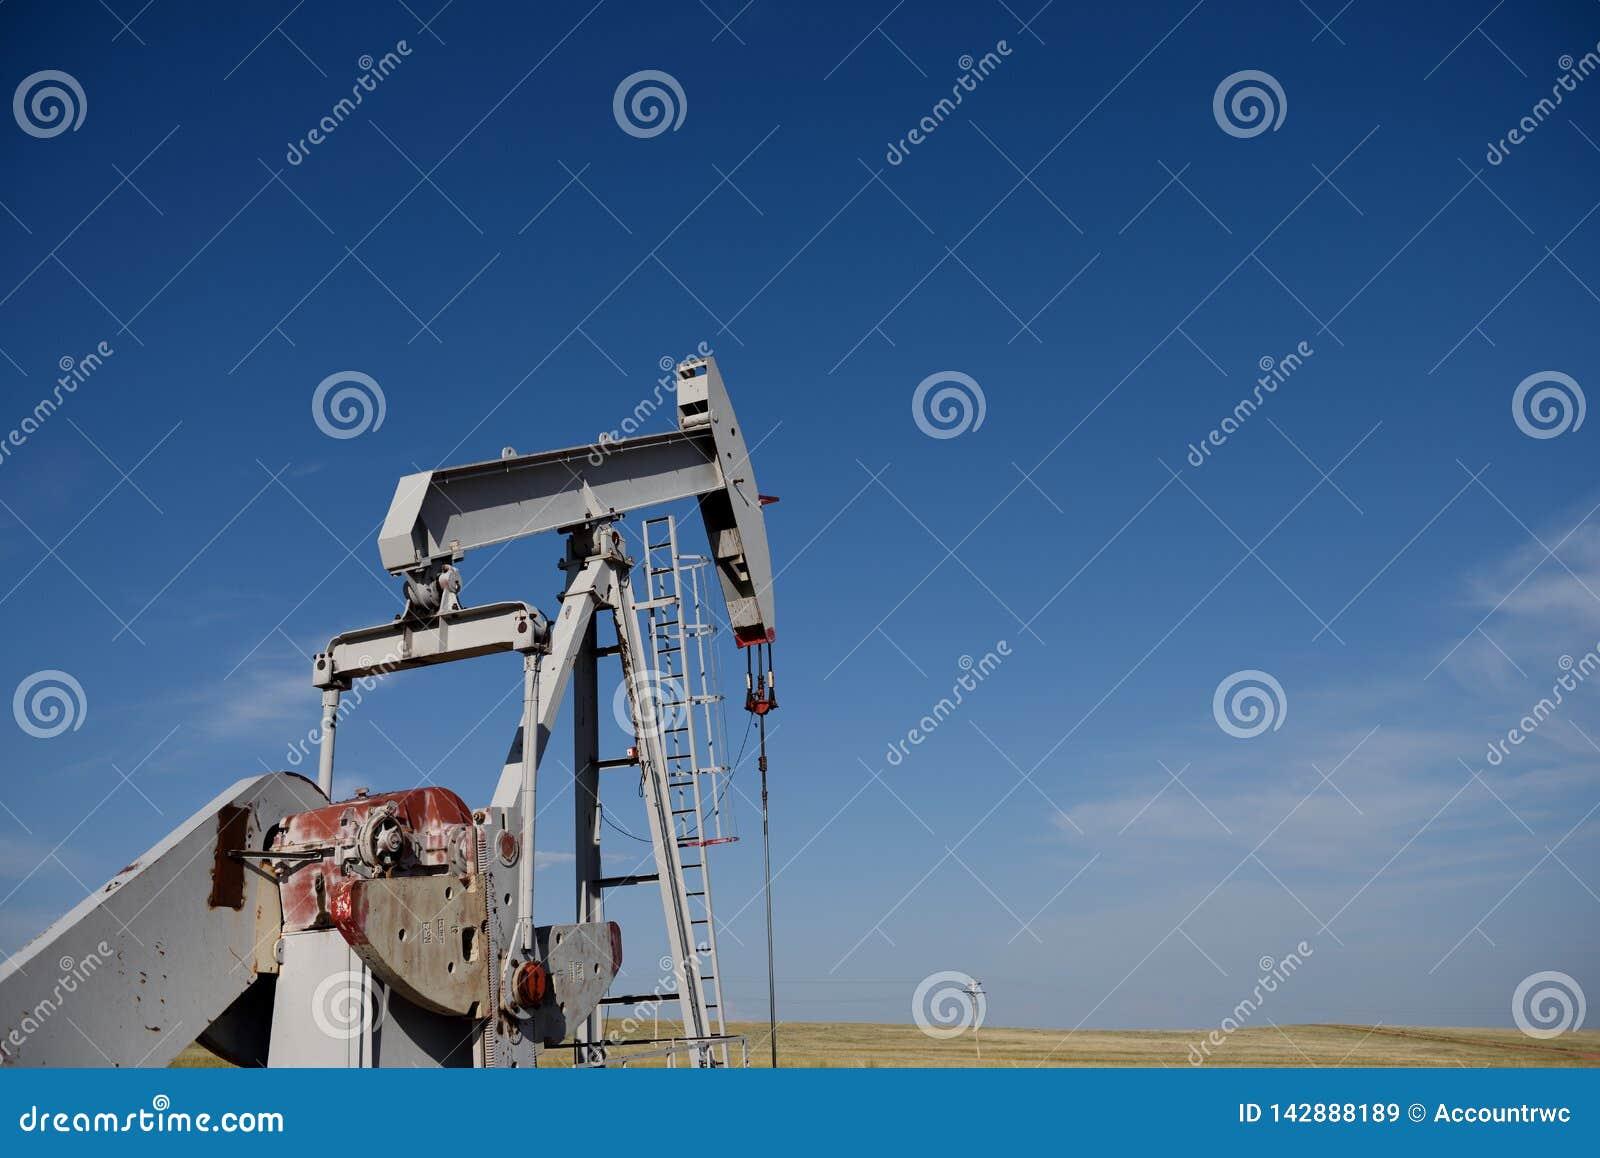 Cric et gisements de pompe de site de puits de production de pétrole brut contre les cieux bleus dans le schiste de Niobrara